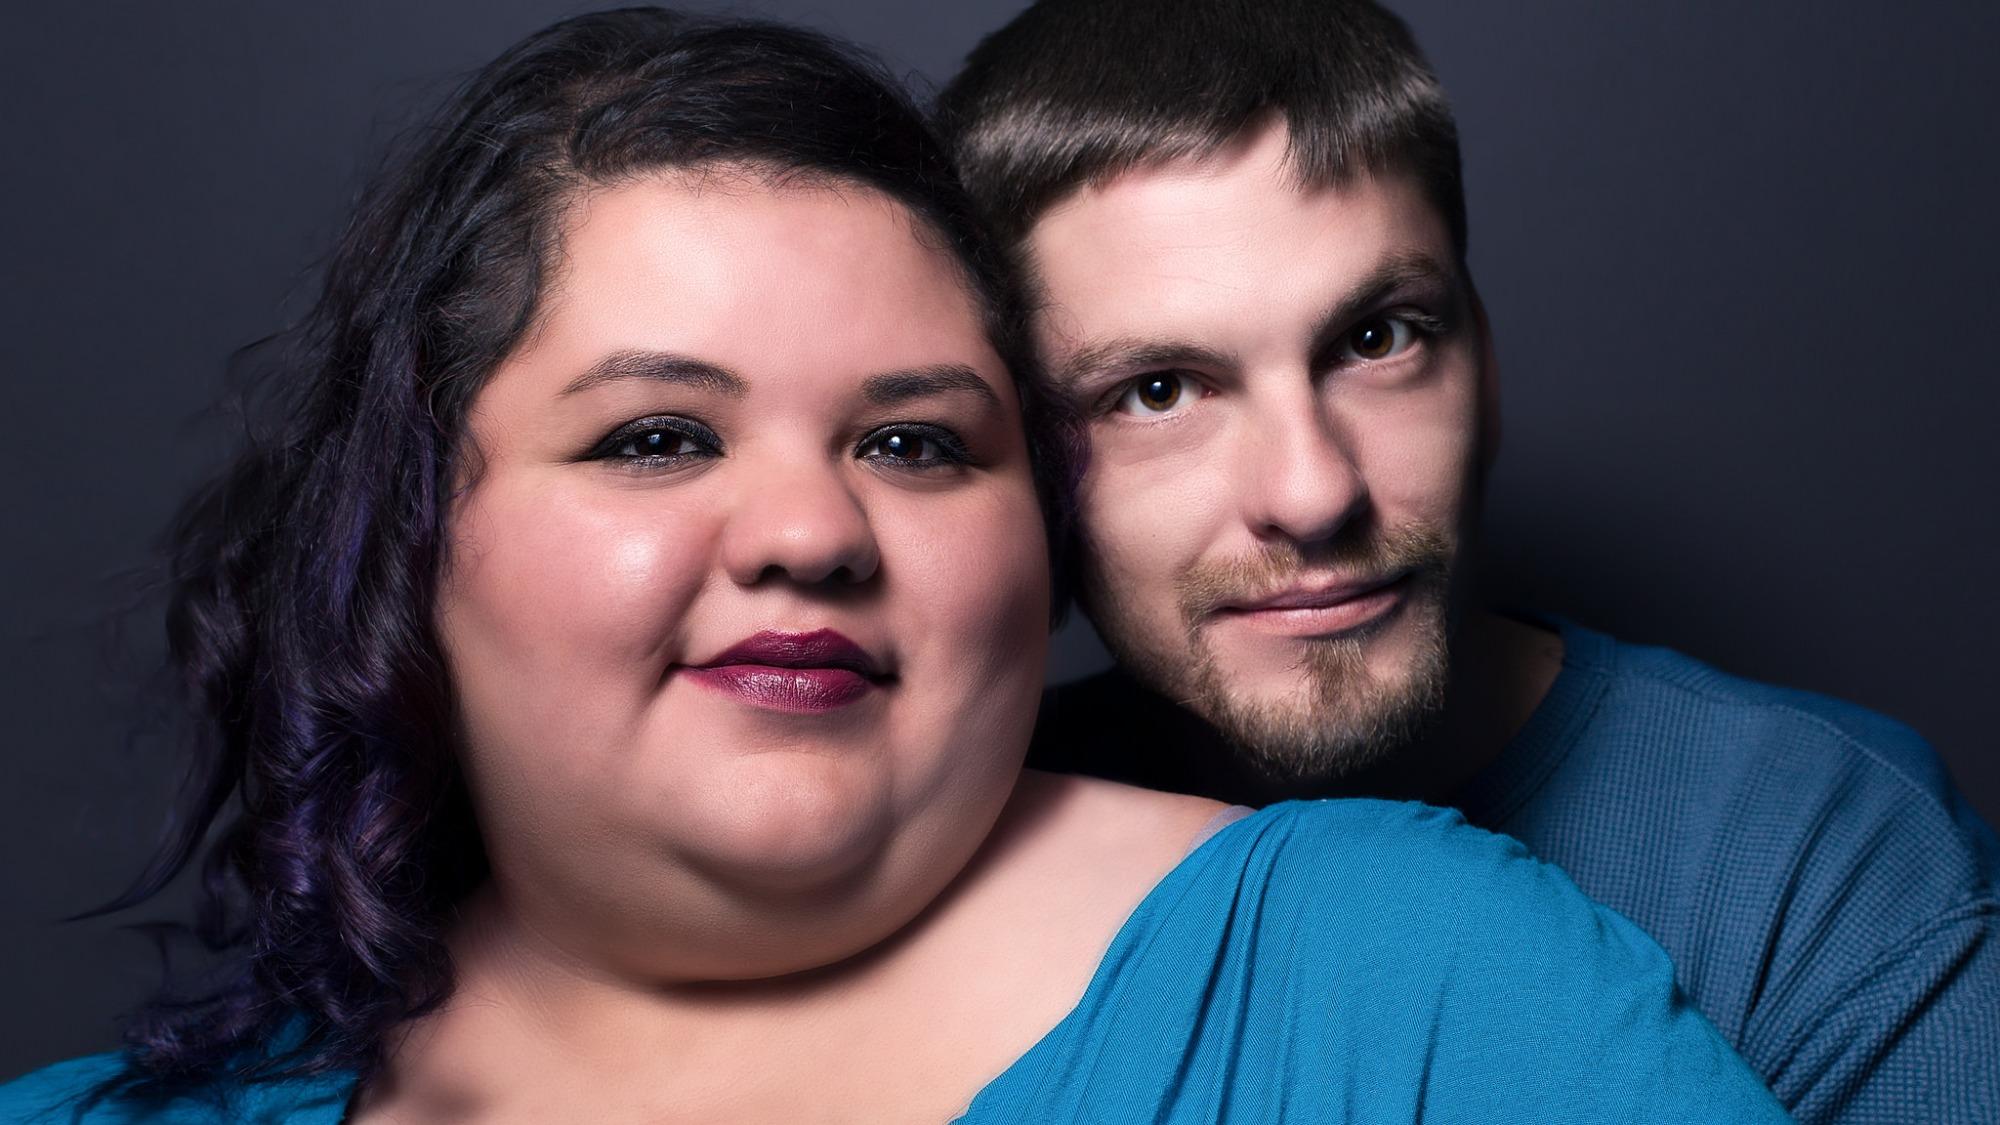 lost couple in portage la prairie